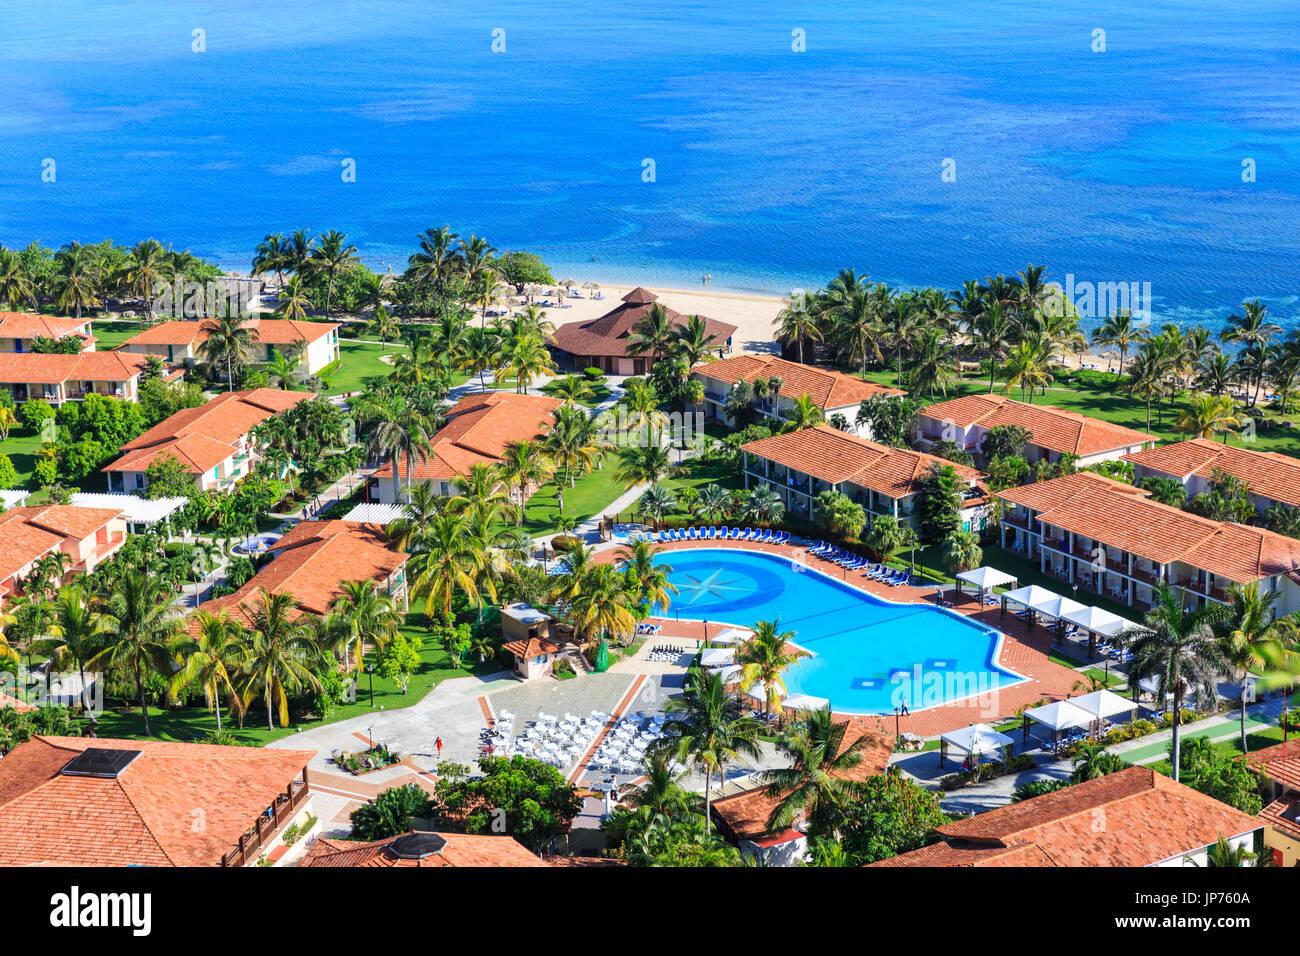 Recuerdos Jibacoa Hotel con piscina y a la playa desde arriba, Cuba Imagen De Stock